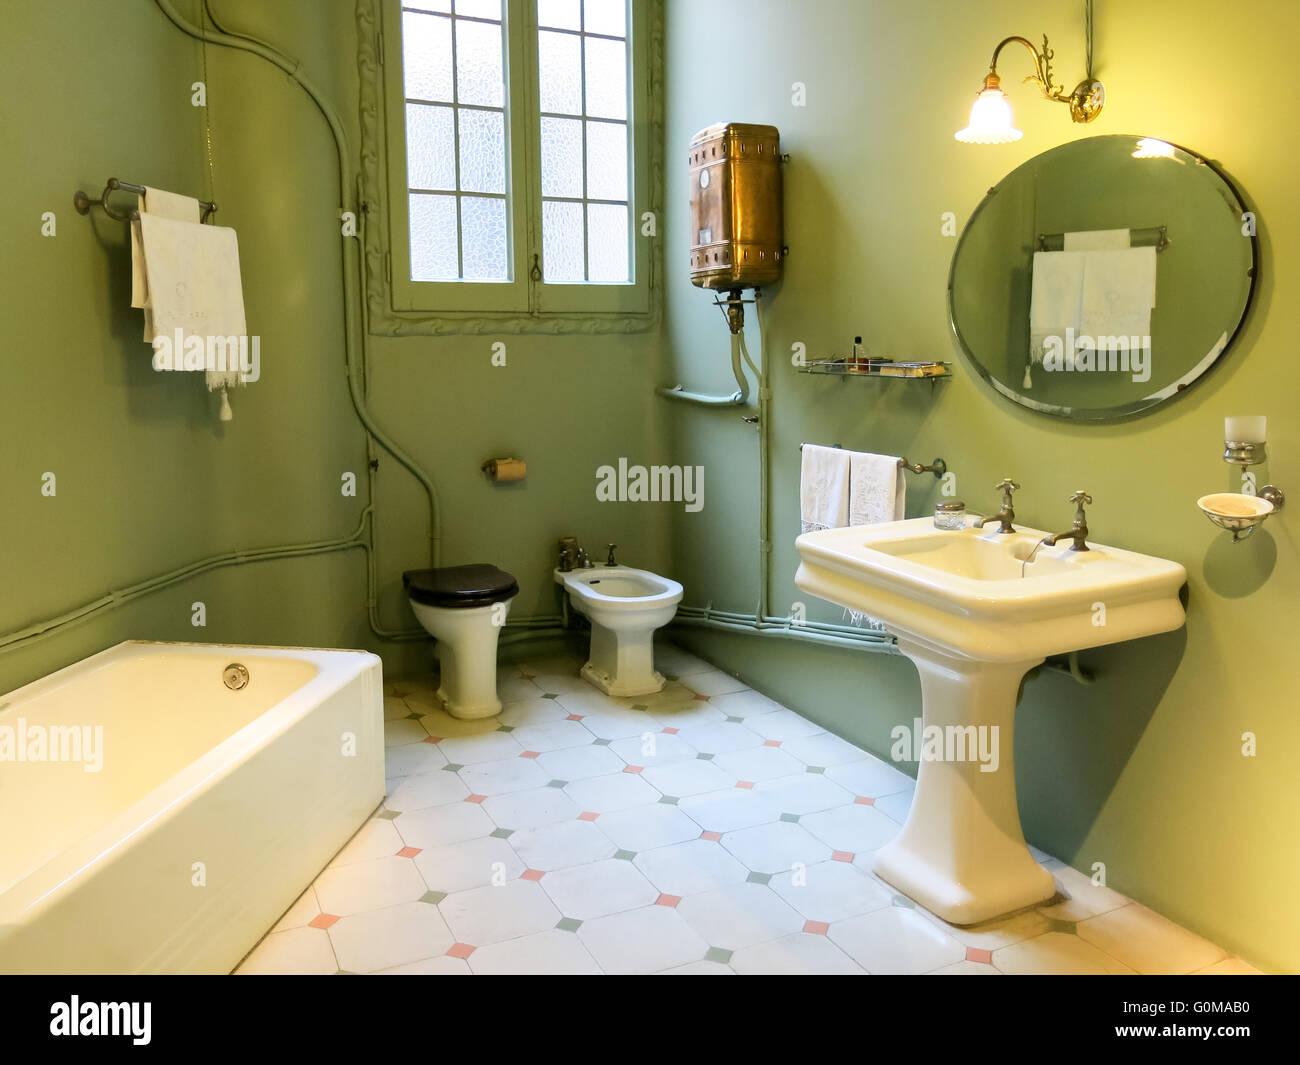 Bagno Di Casa Foto : Bagno di casa mila e casa di gaudi a barcellona spagna foto